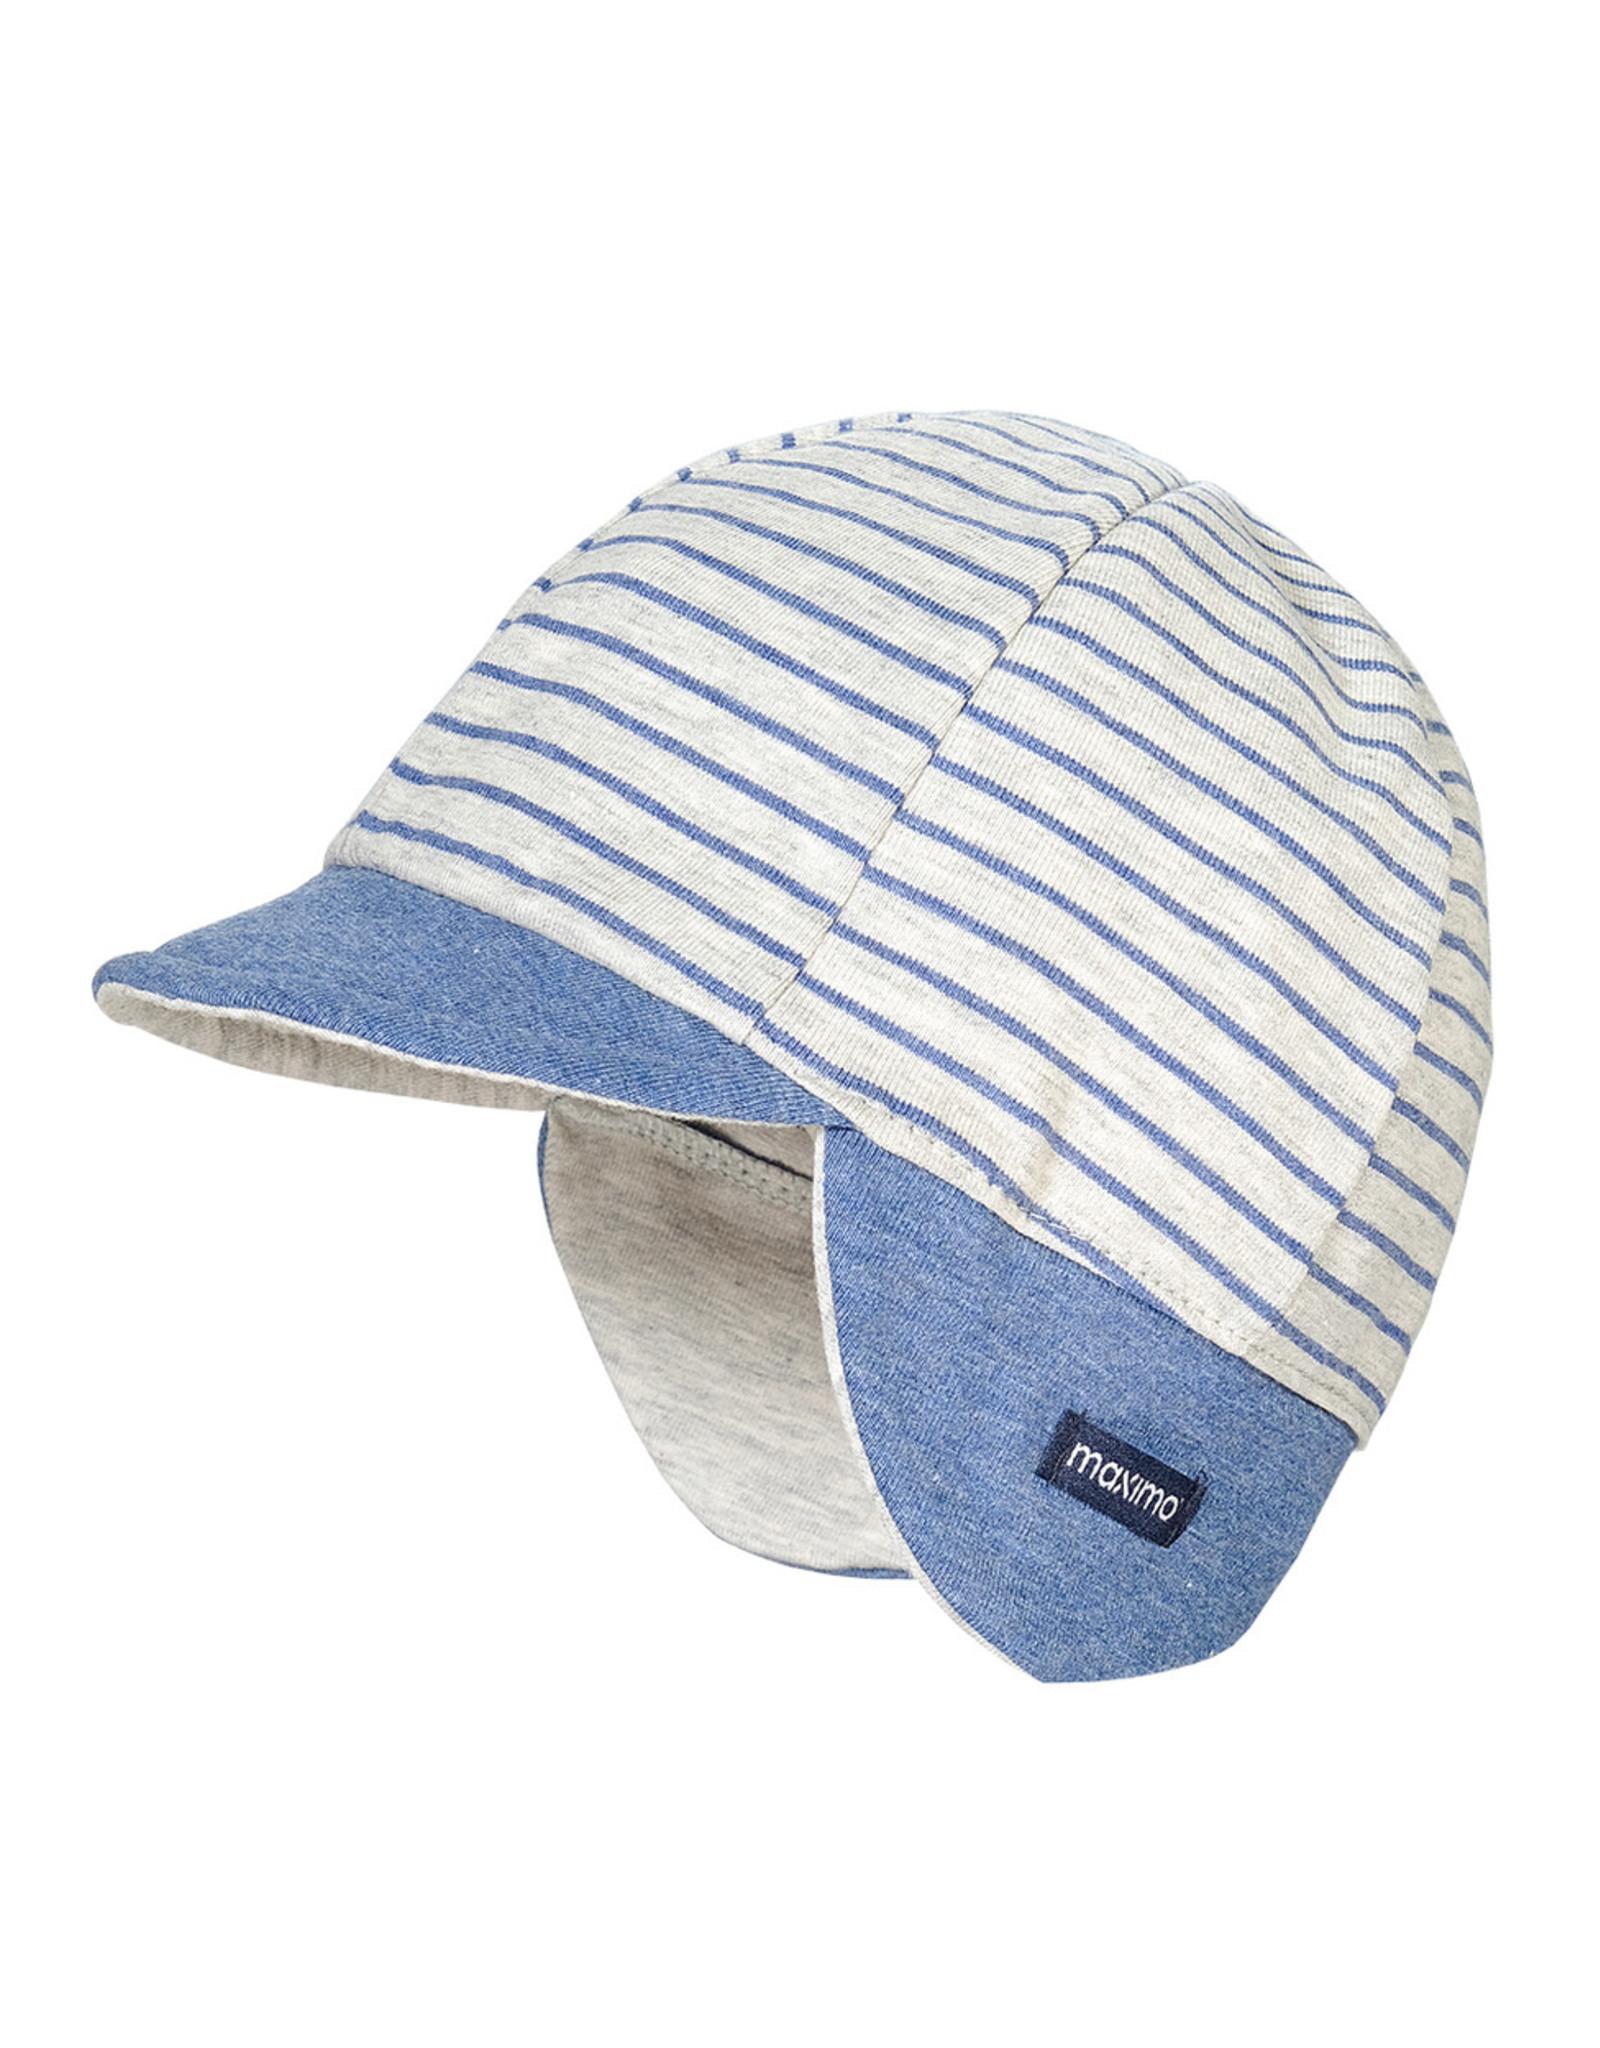 Maximo Maximo GOTS BABY BOY Cap grijs/blauw